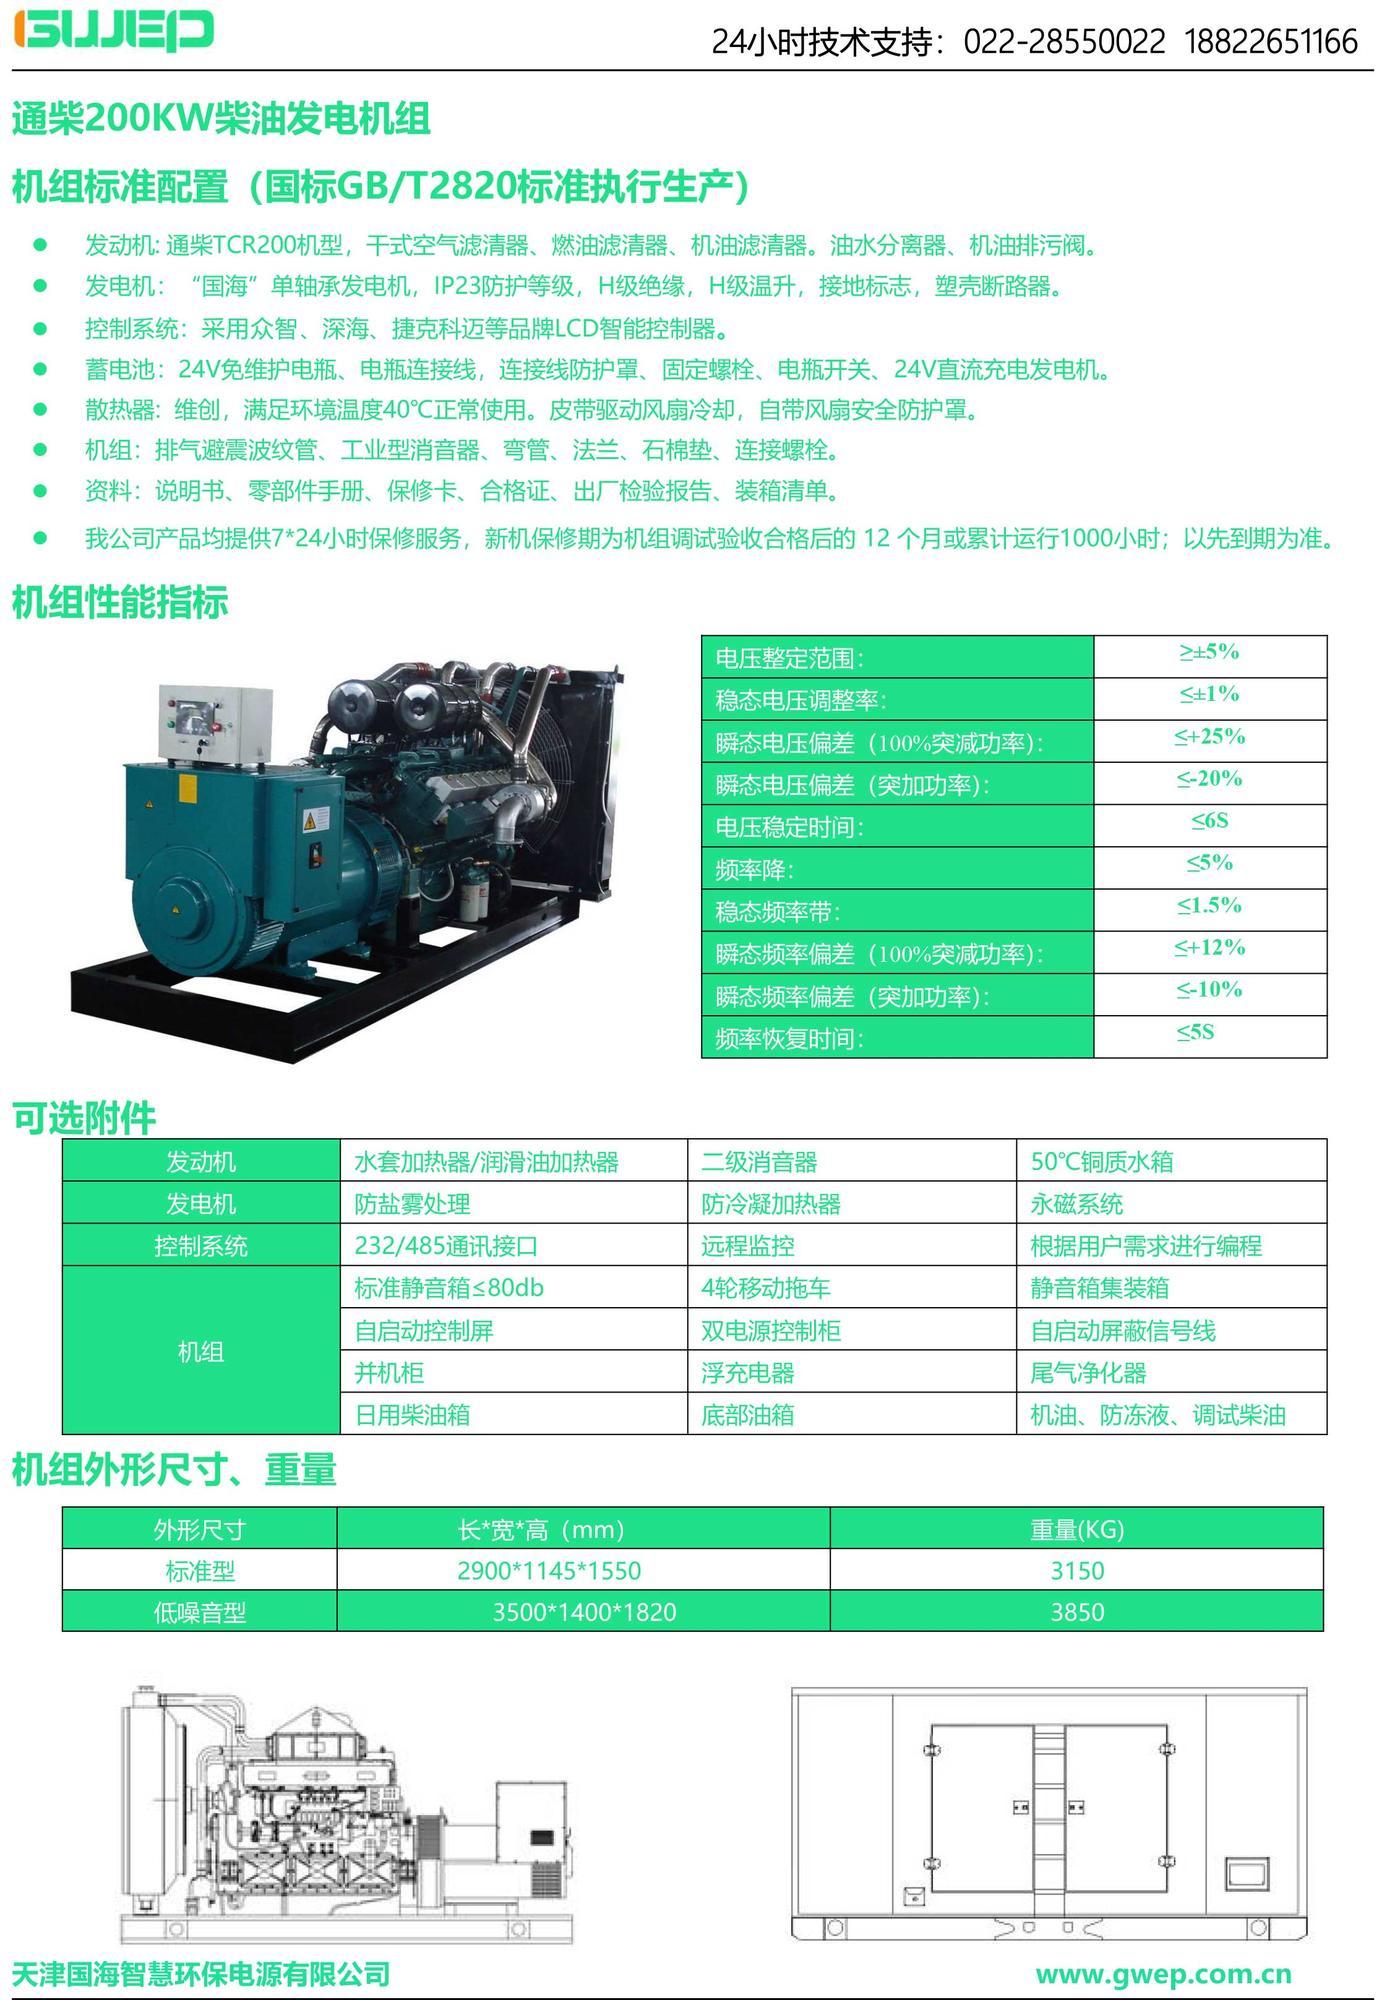 通柴200KW发电机组技术资料-1.jpg